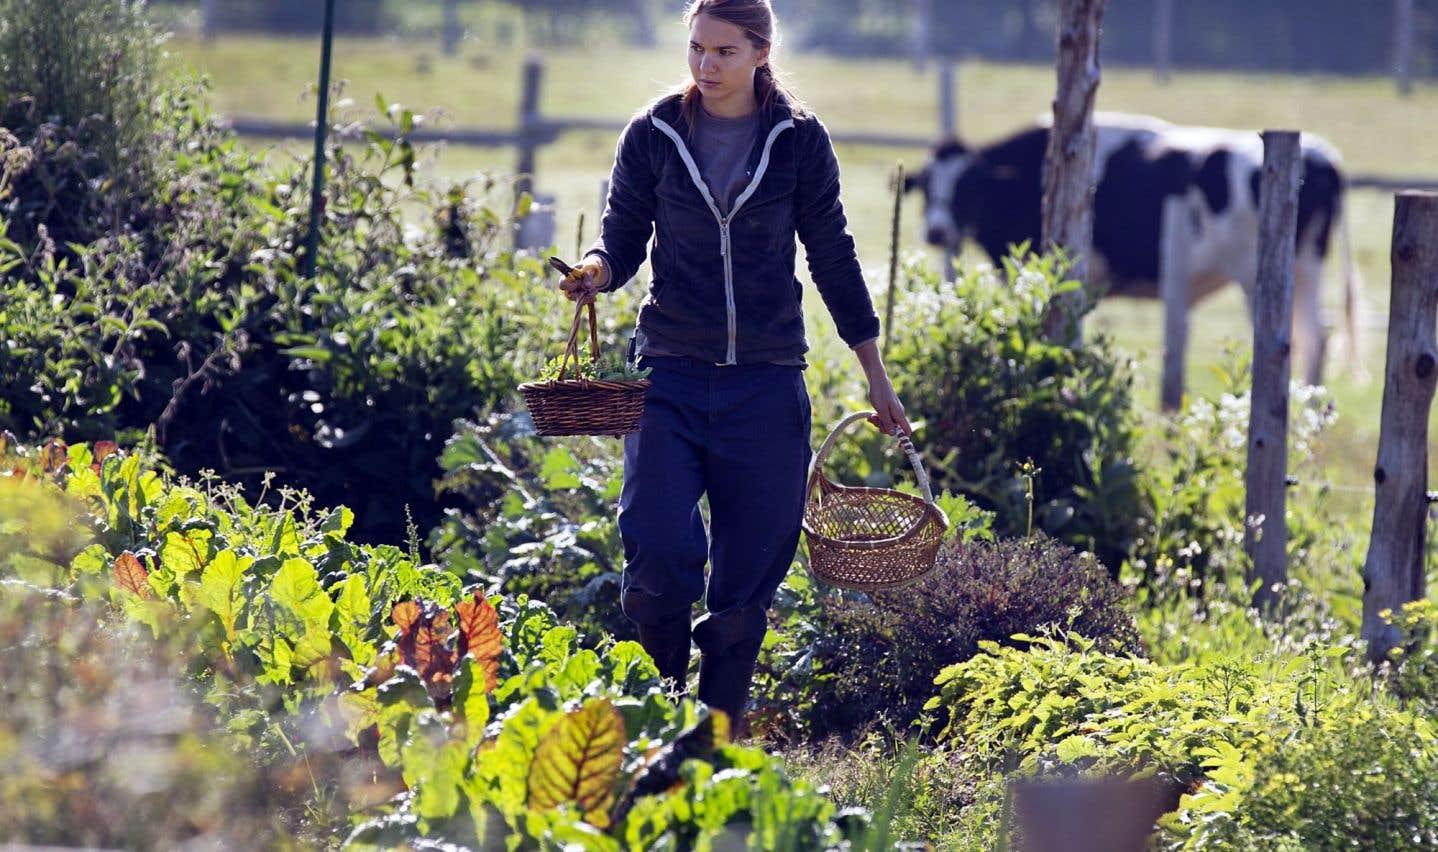 Le rêve d'une petite ferme est bien possible en Colombie-Britannique, en Alberta et à l'Île-du-Prince-Édouard, mais pas au Québec.